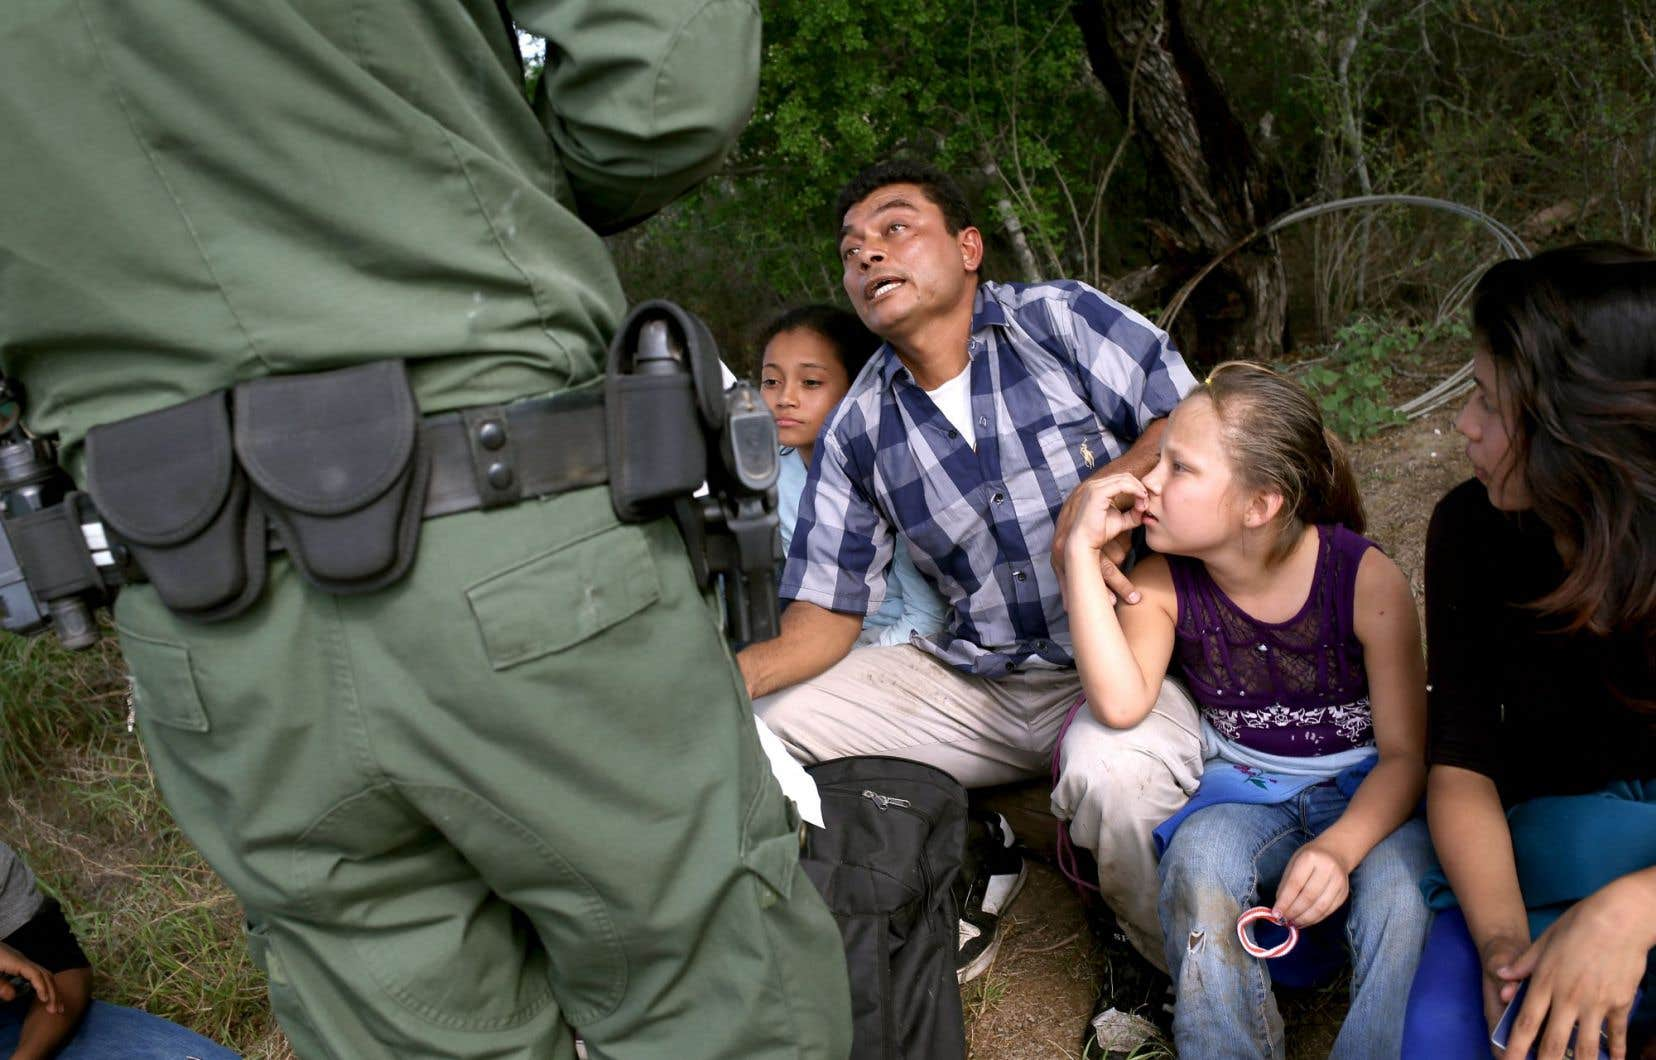 Le nombre d'immigrants illégaux venus d'Amérique centrale aux États-Unis a fortement augmenté ces derniers mois.